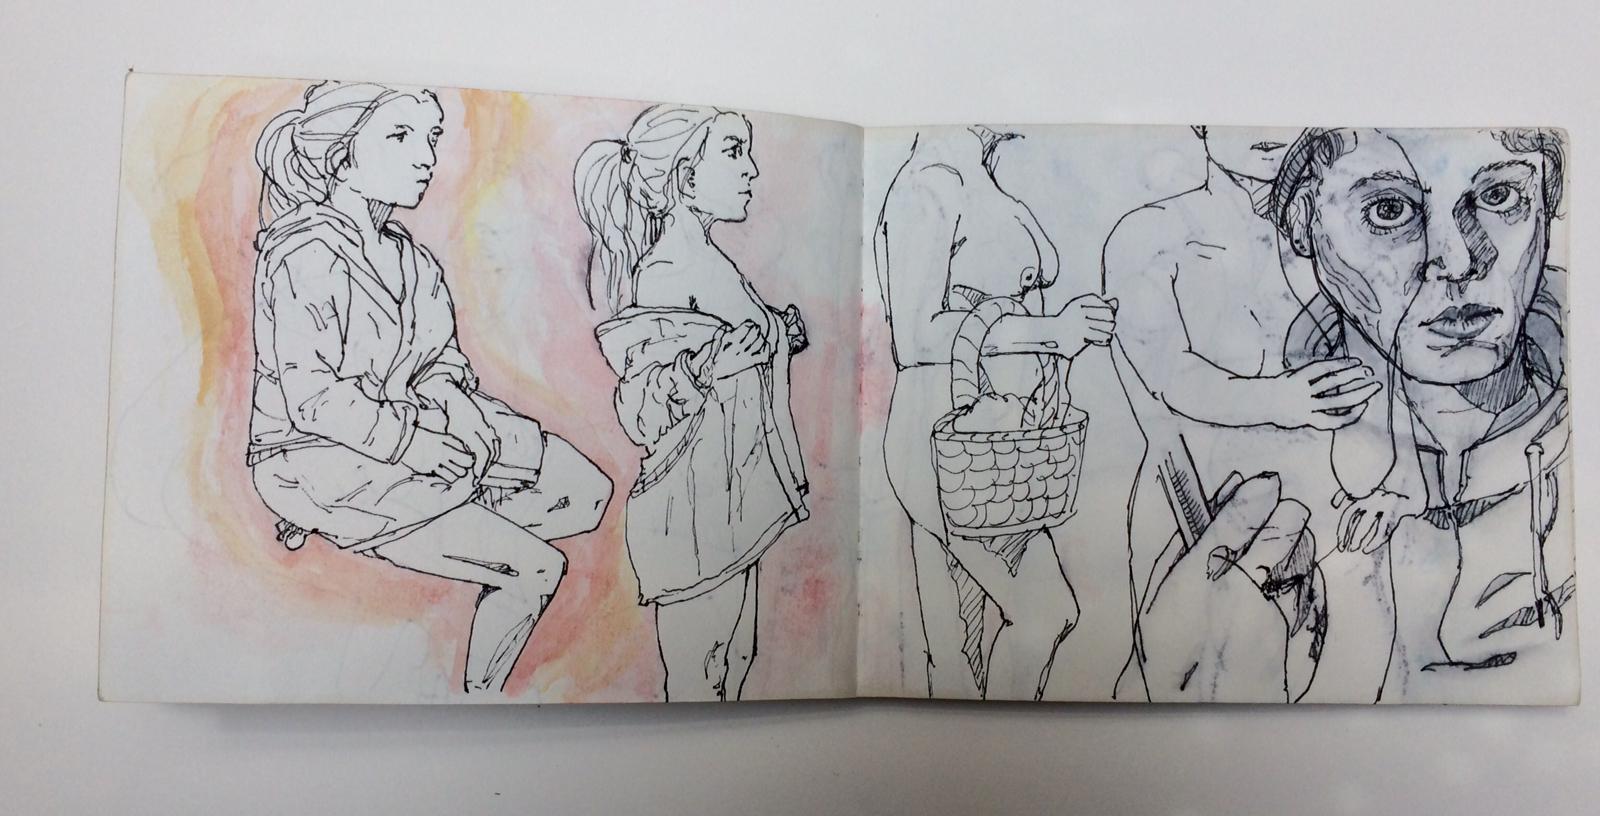 werkstatt-eden-lis-werner-illustration-skizzenbuch1